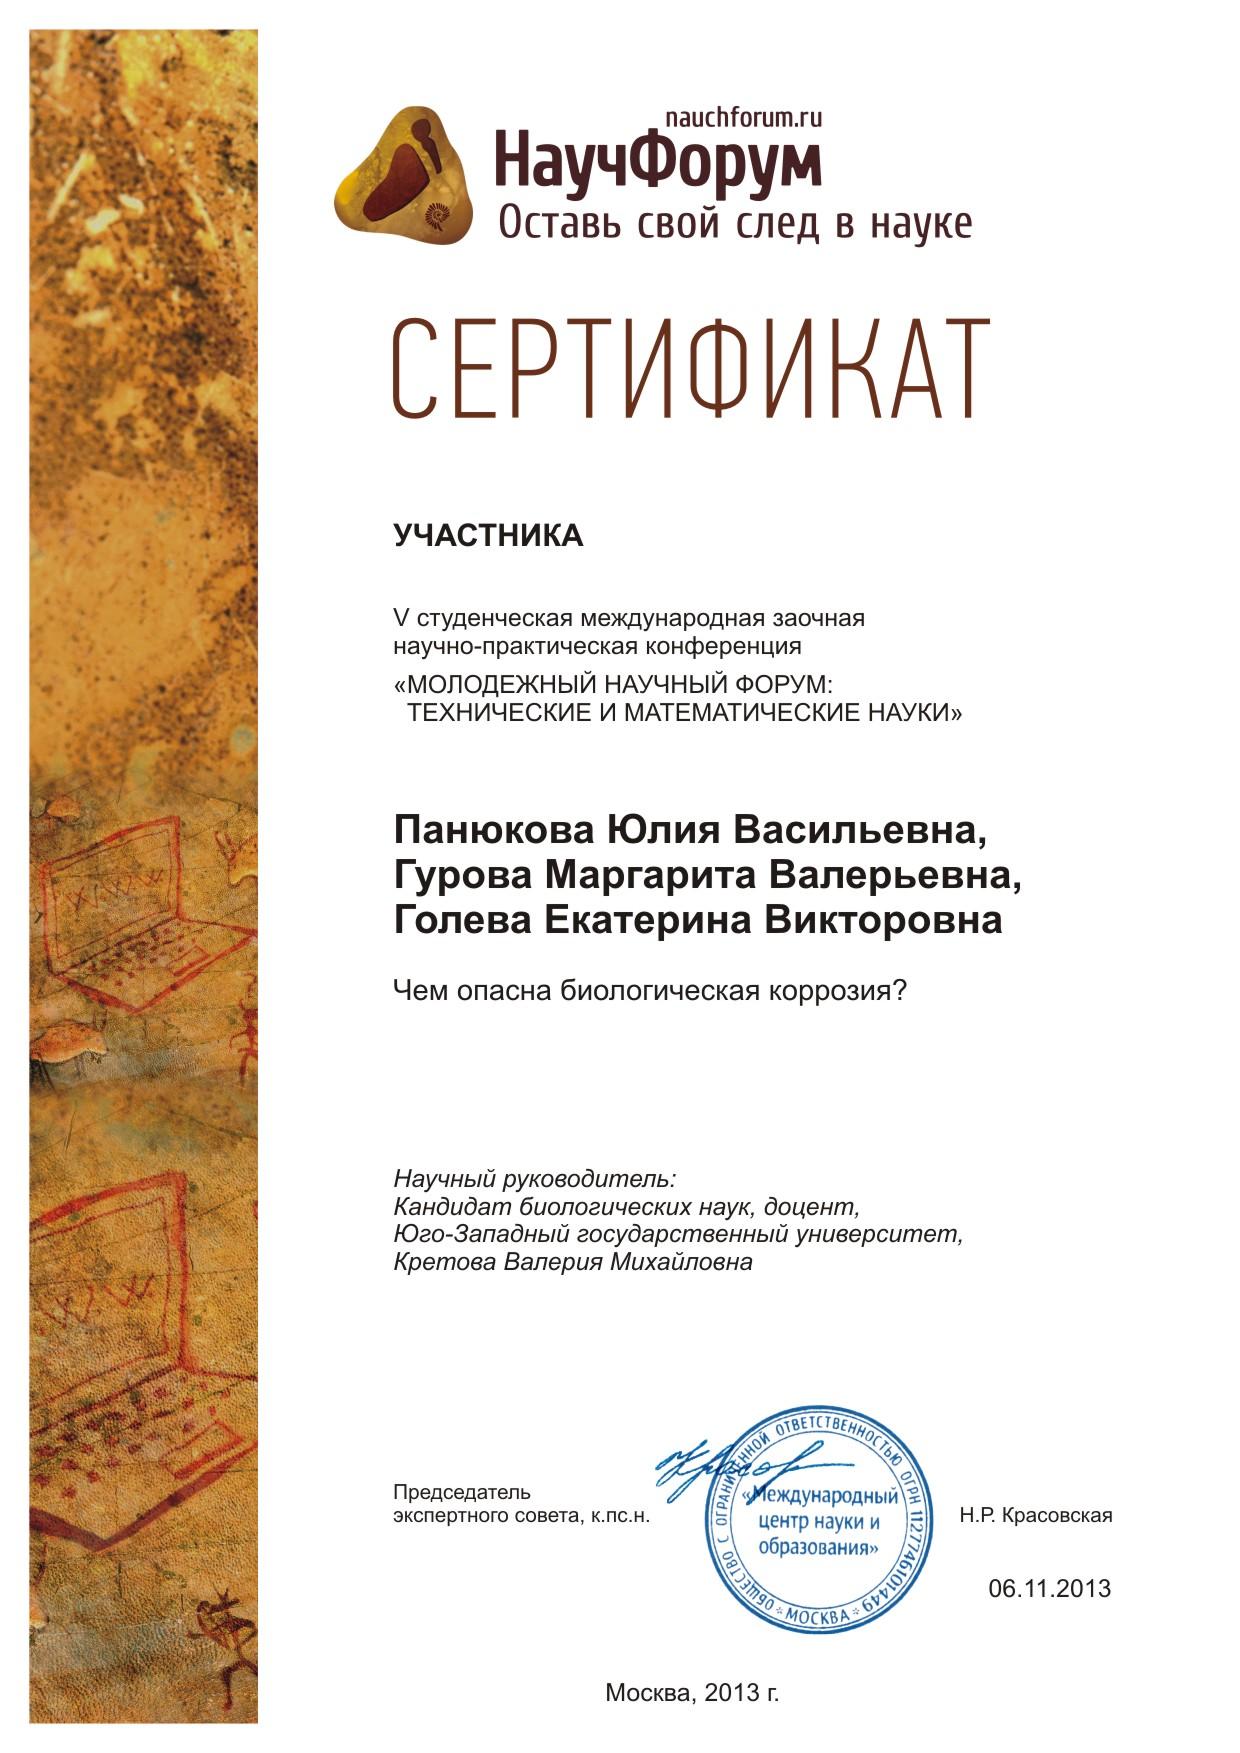 trudi-xxx-yubileynoy-itogovoy-konferentsii-molodih-uchenih